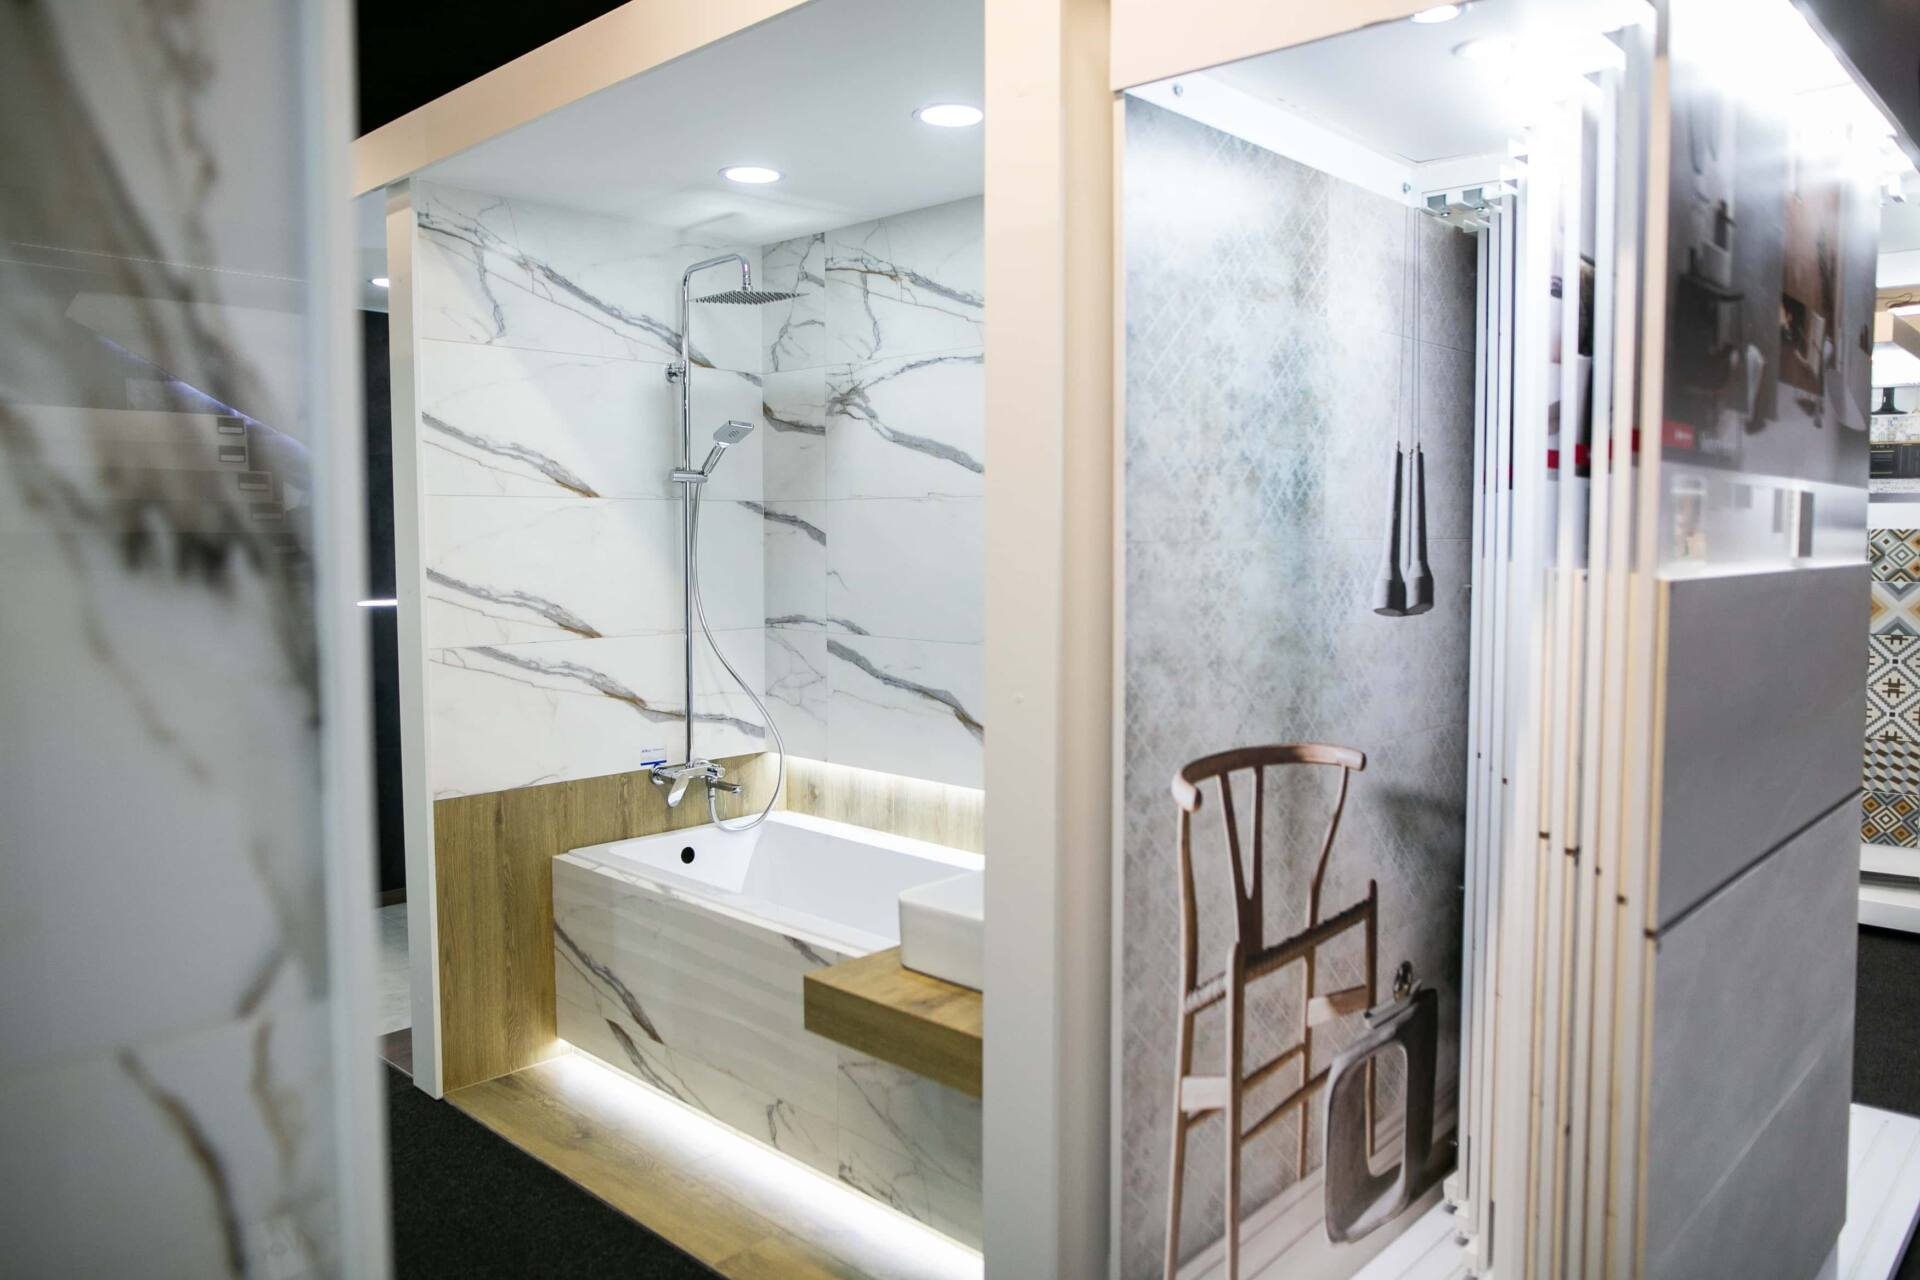 5db 5593 Salon BLU: na ponad 500 m2., 36 łazienkowych aranżacji i bogata ekspozycja wyposażenia (zdjęcia)